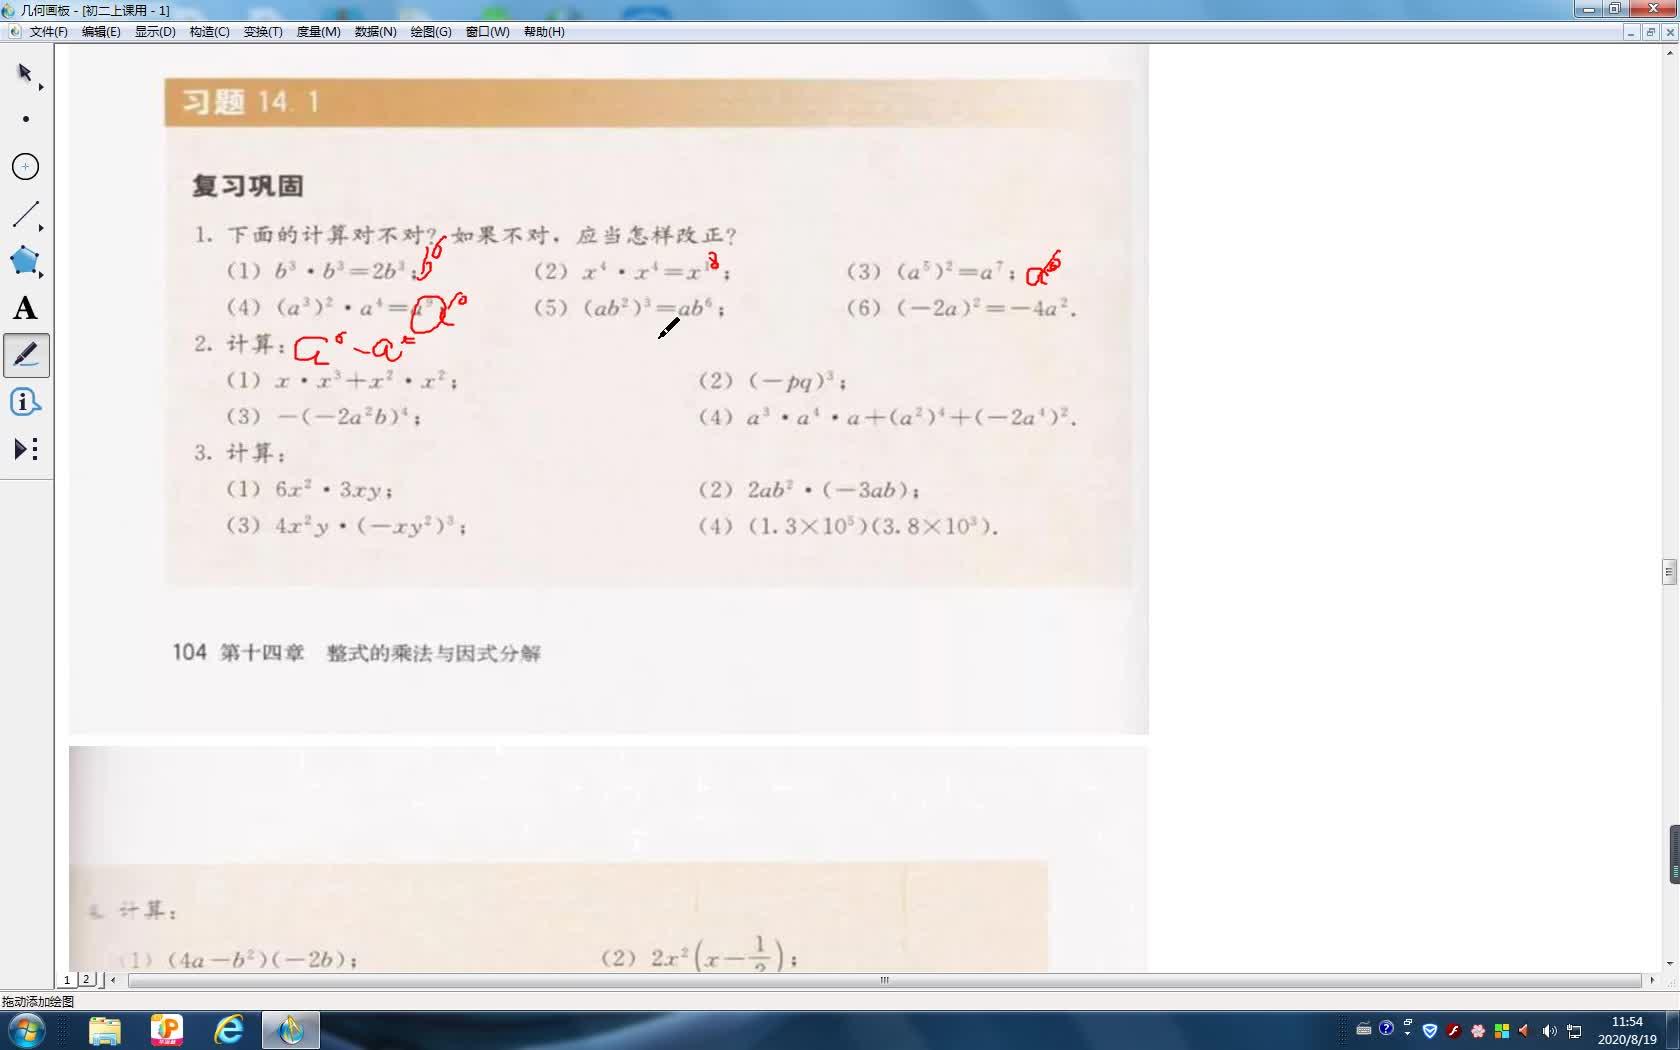 14.1习题讲解(1)[来自e网通极速客户端]人教版八年级上册 14.1 整式的乘法 习题视频讲解(1)人教版八年级上册 14.1 整式的乘法 习题视频讲解(1)